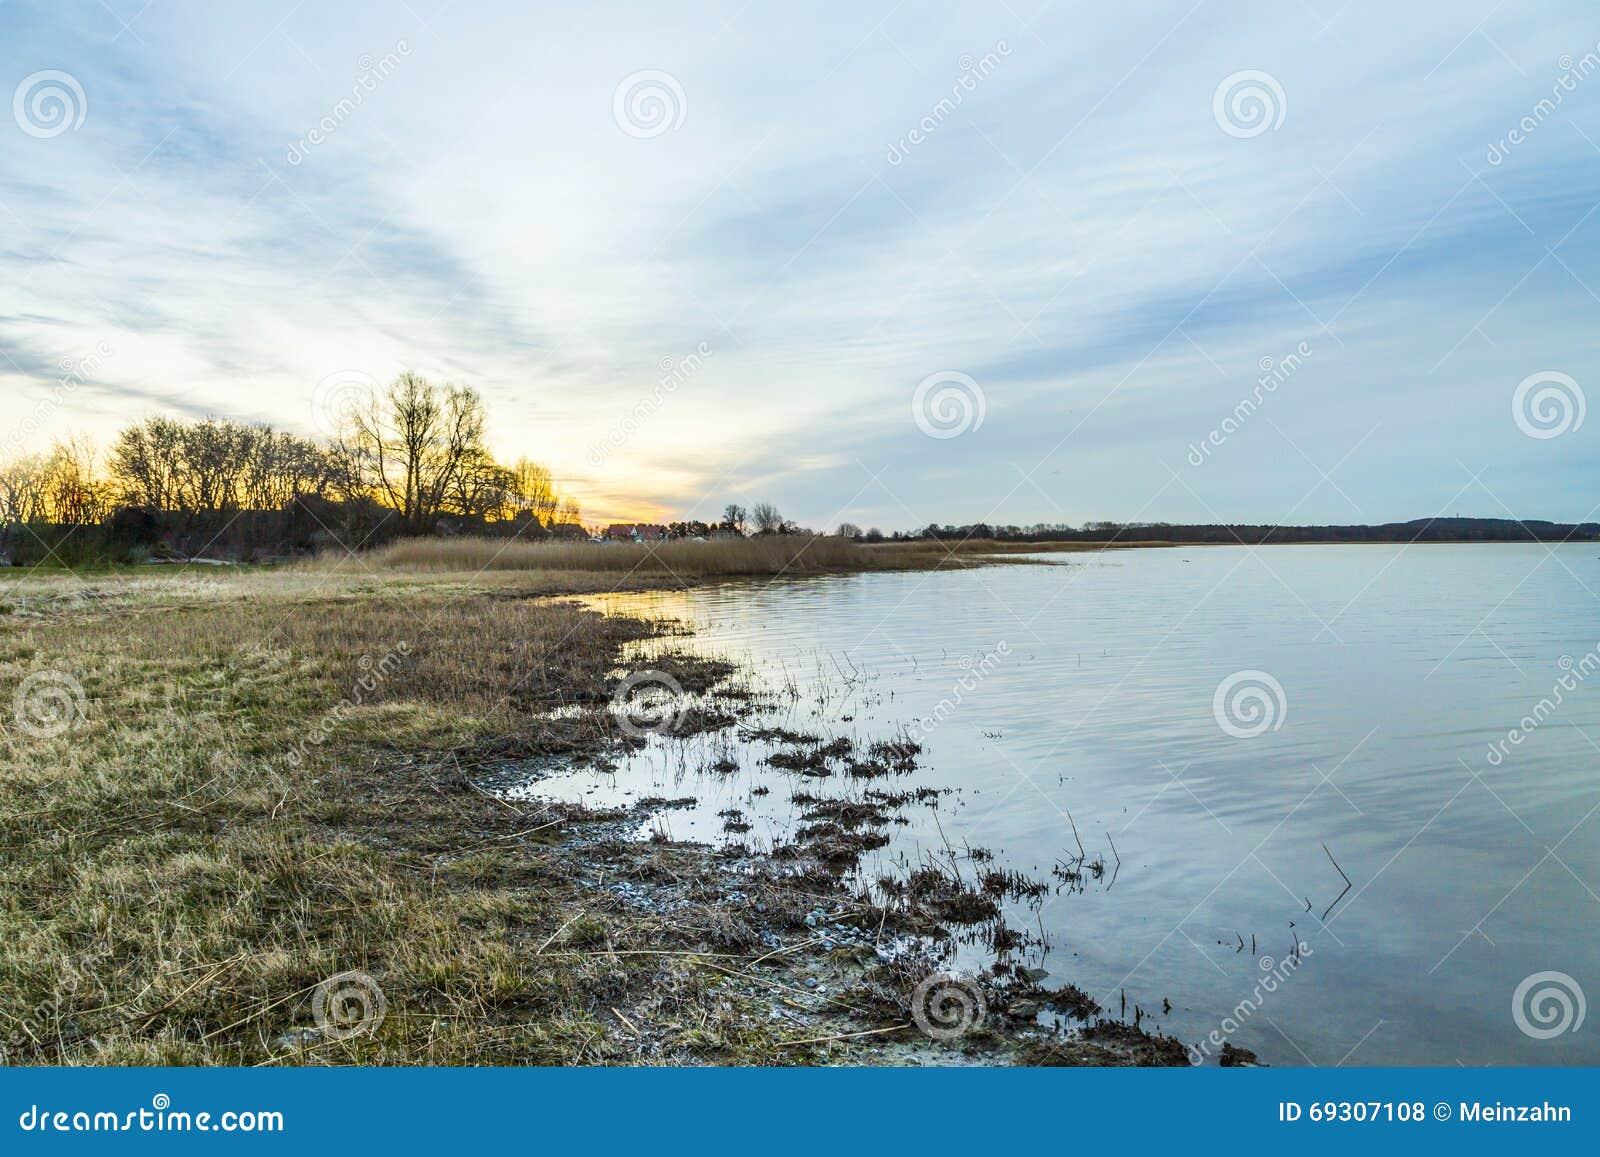 Binnenwaterlandschap bij het eiland usedom stock foto afbeelding 69307108 - In het midden eiland grootte ...